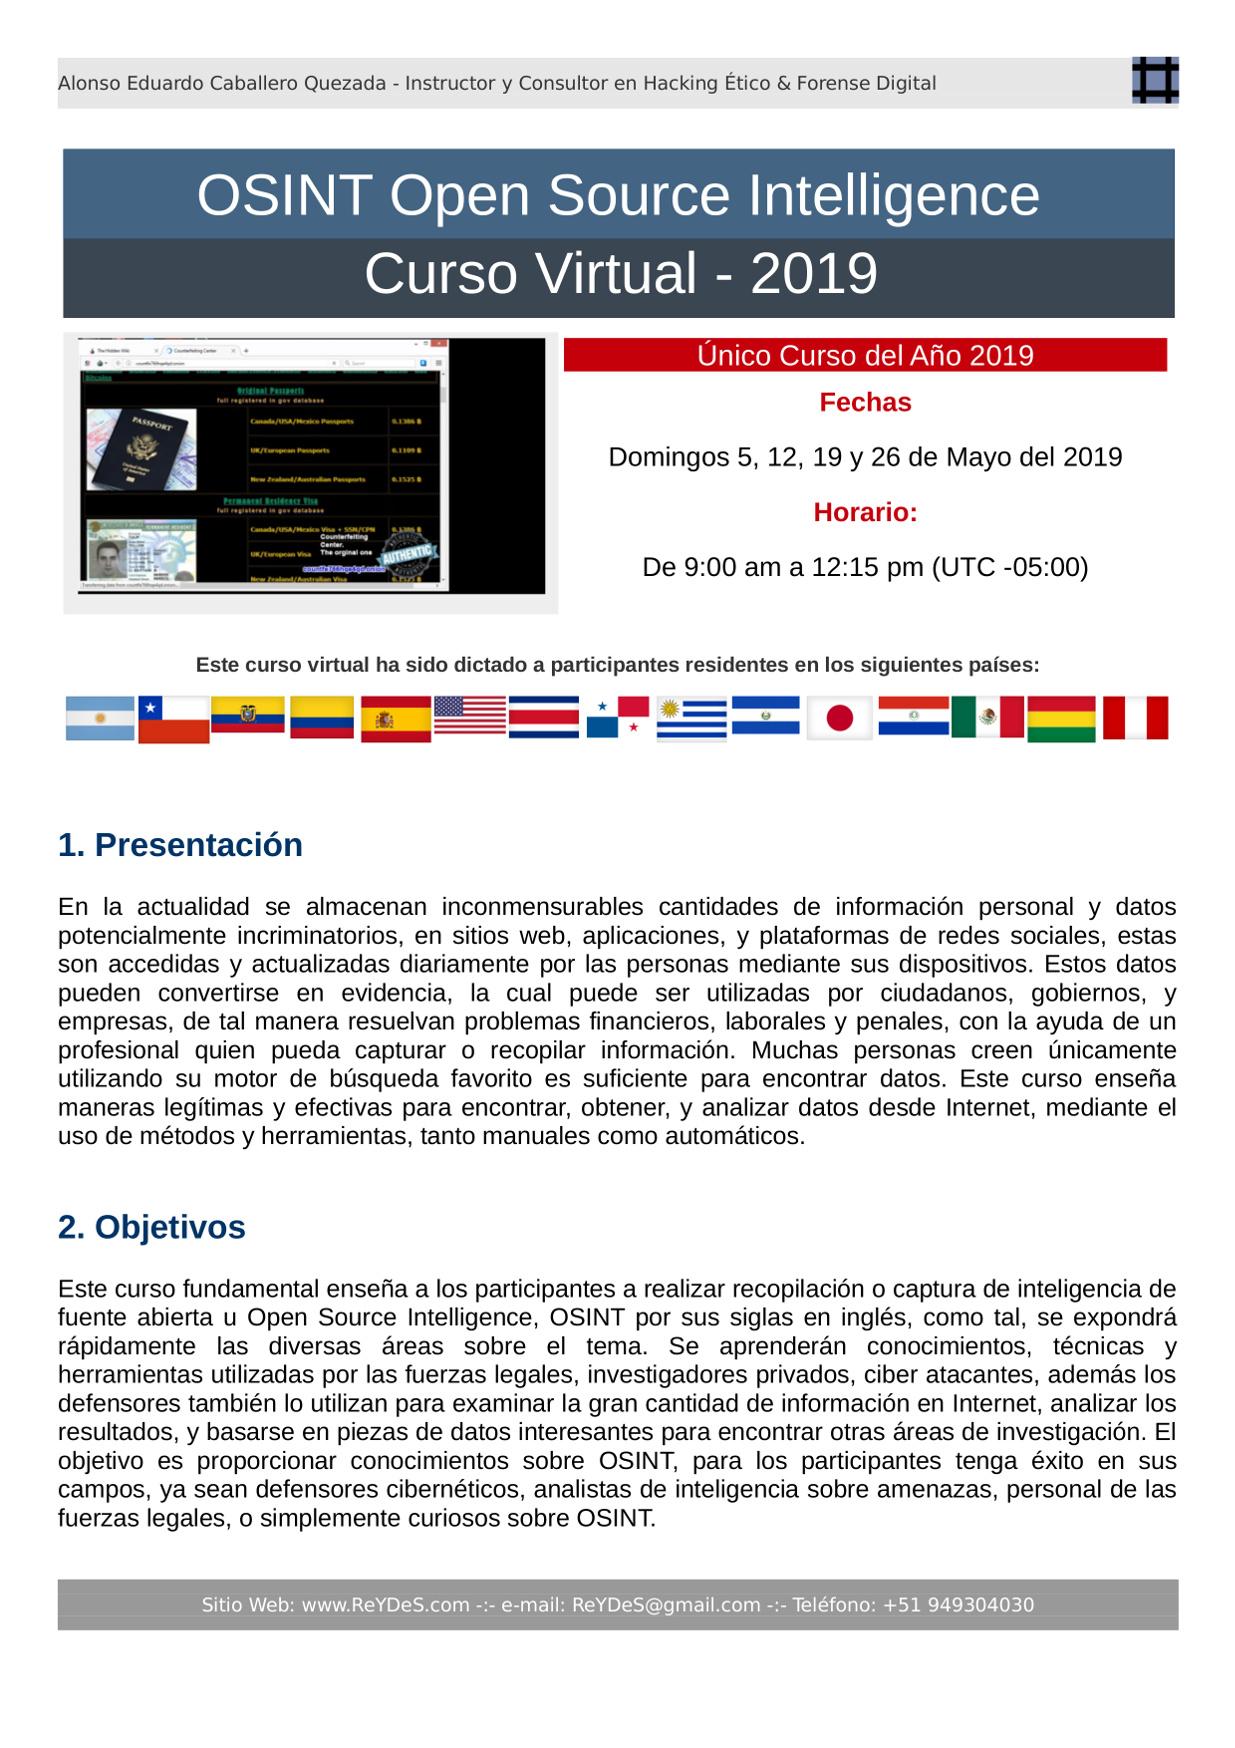 Único Curso de OSINT Open Source Intelligence 2019